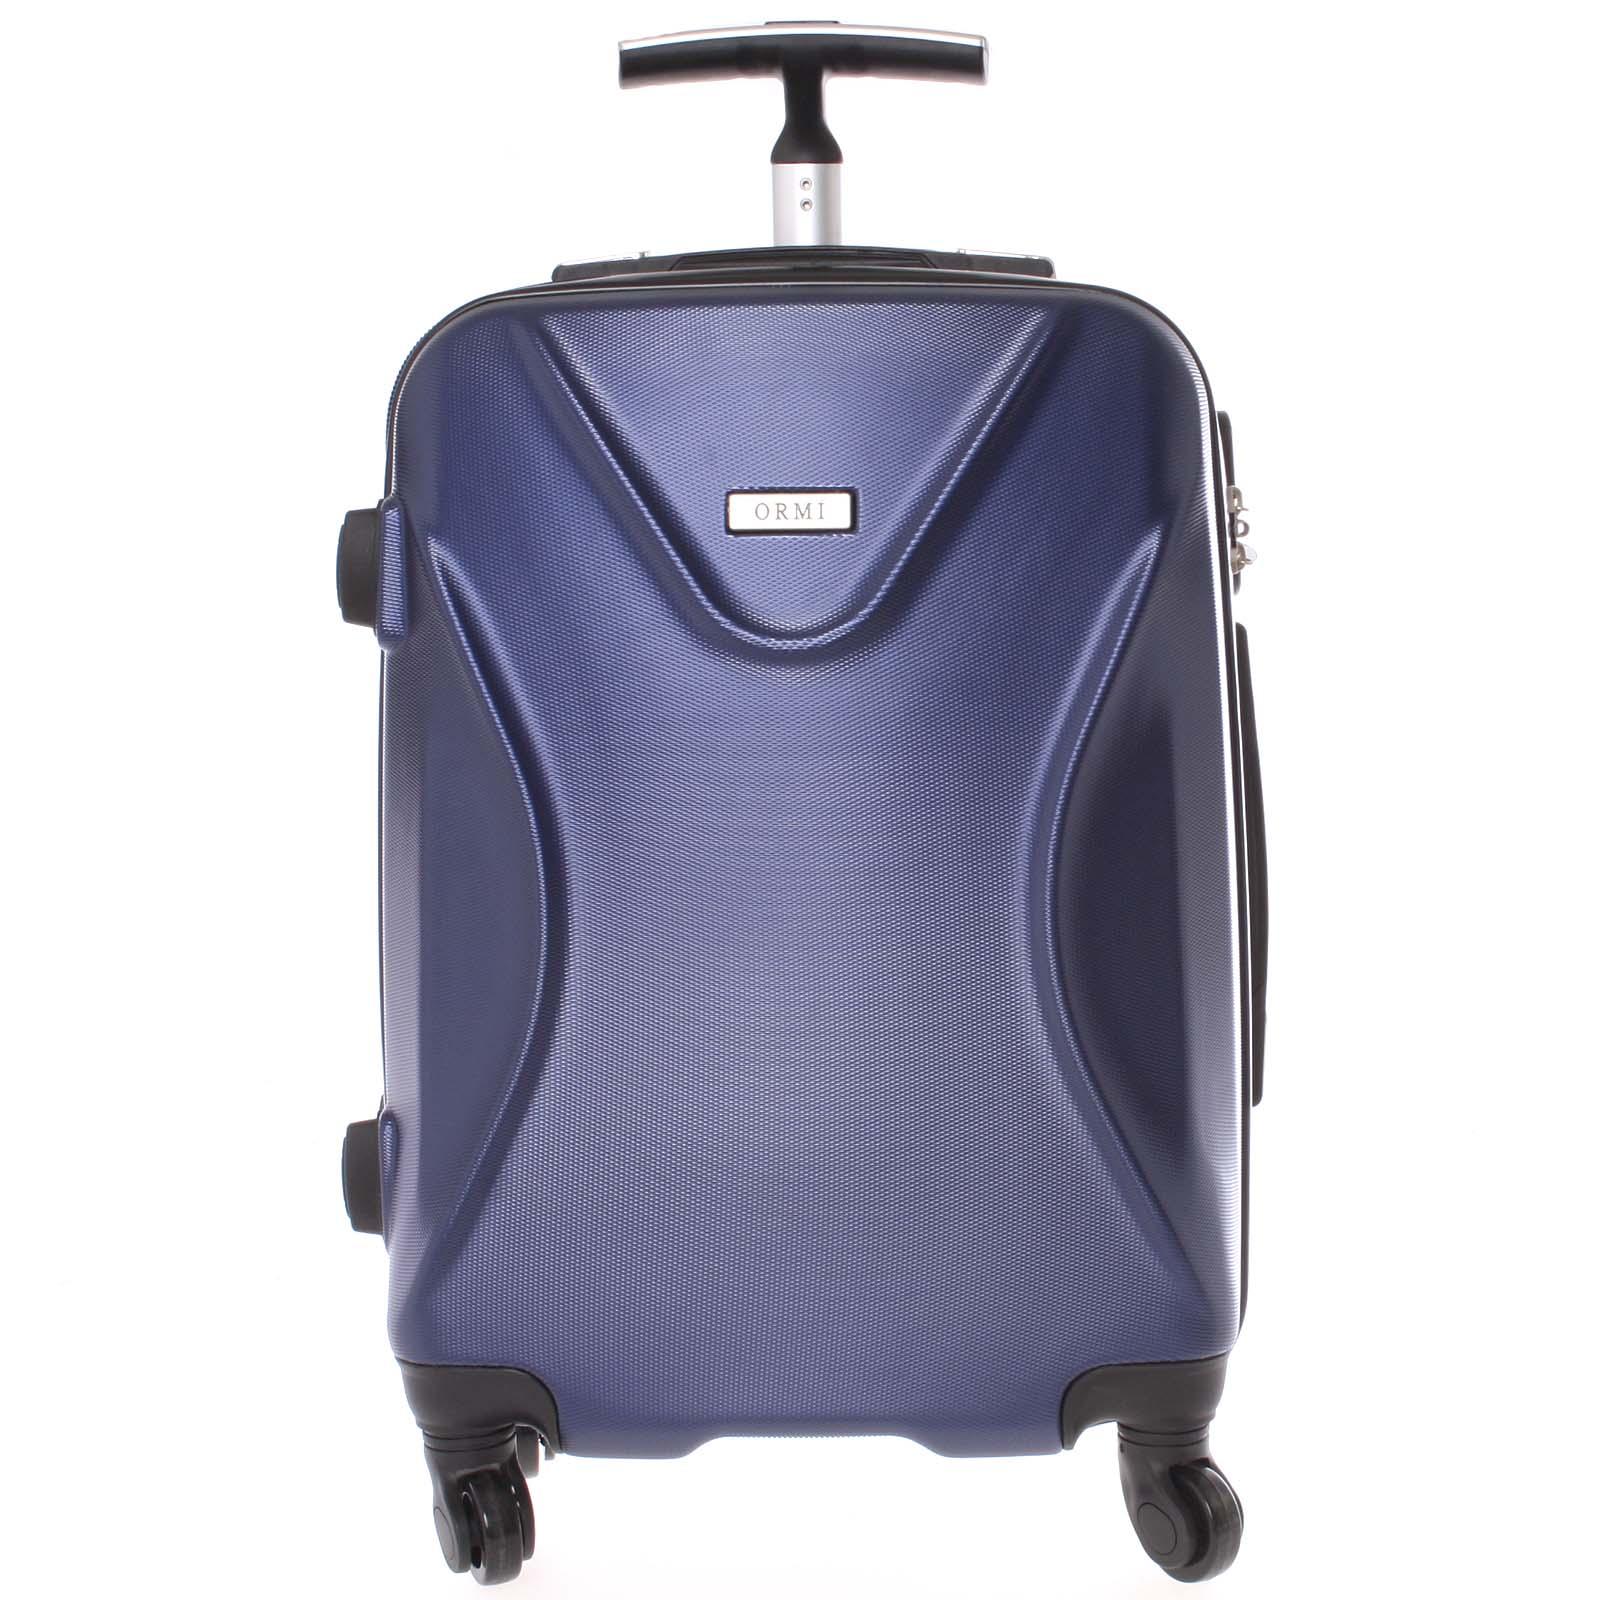 Originální pevný cestovní kufr tmavě modrý - Ormi Cross M